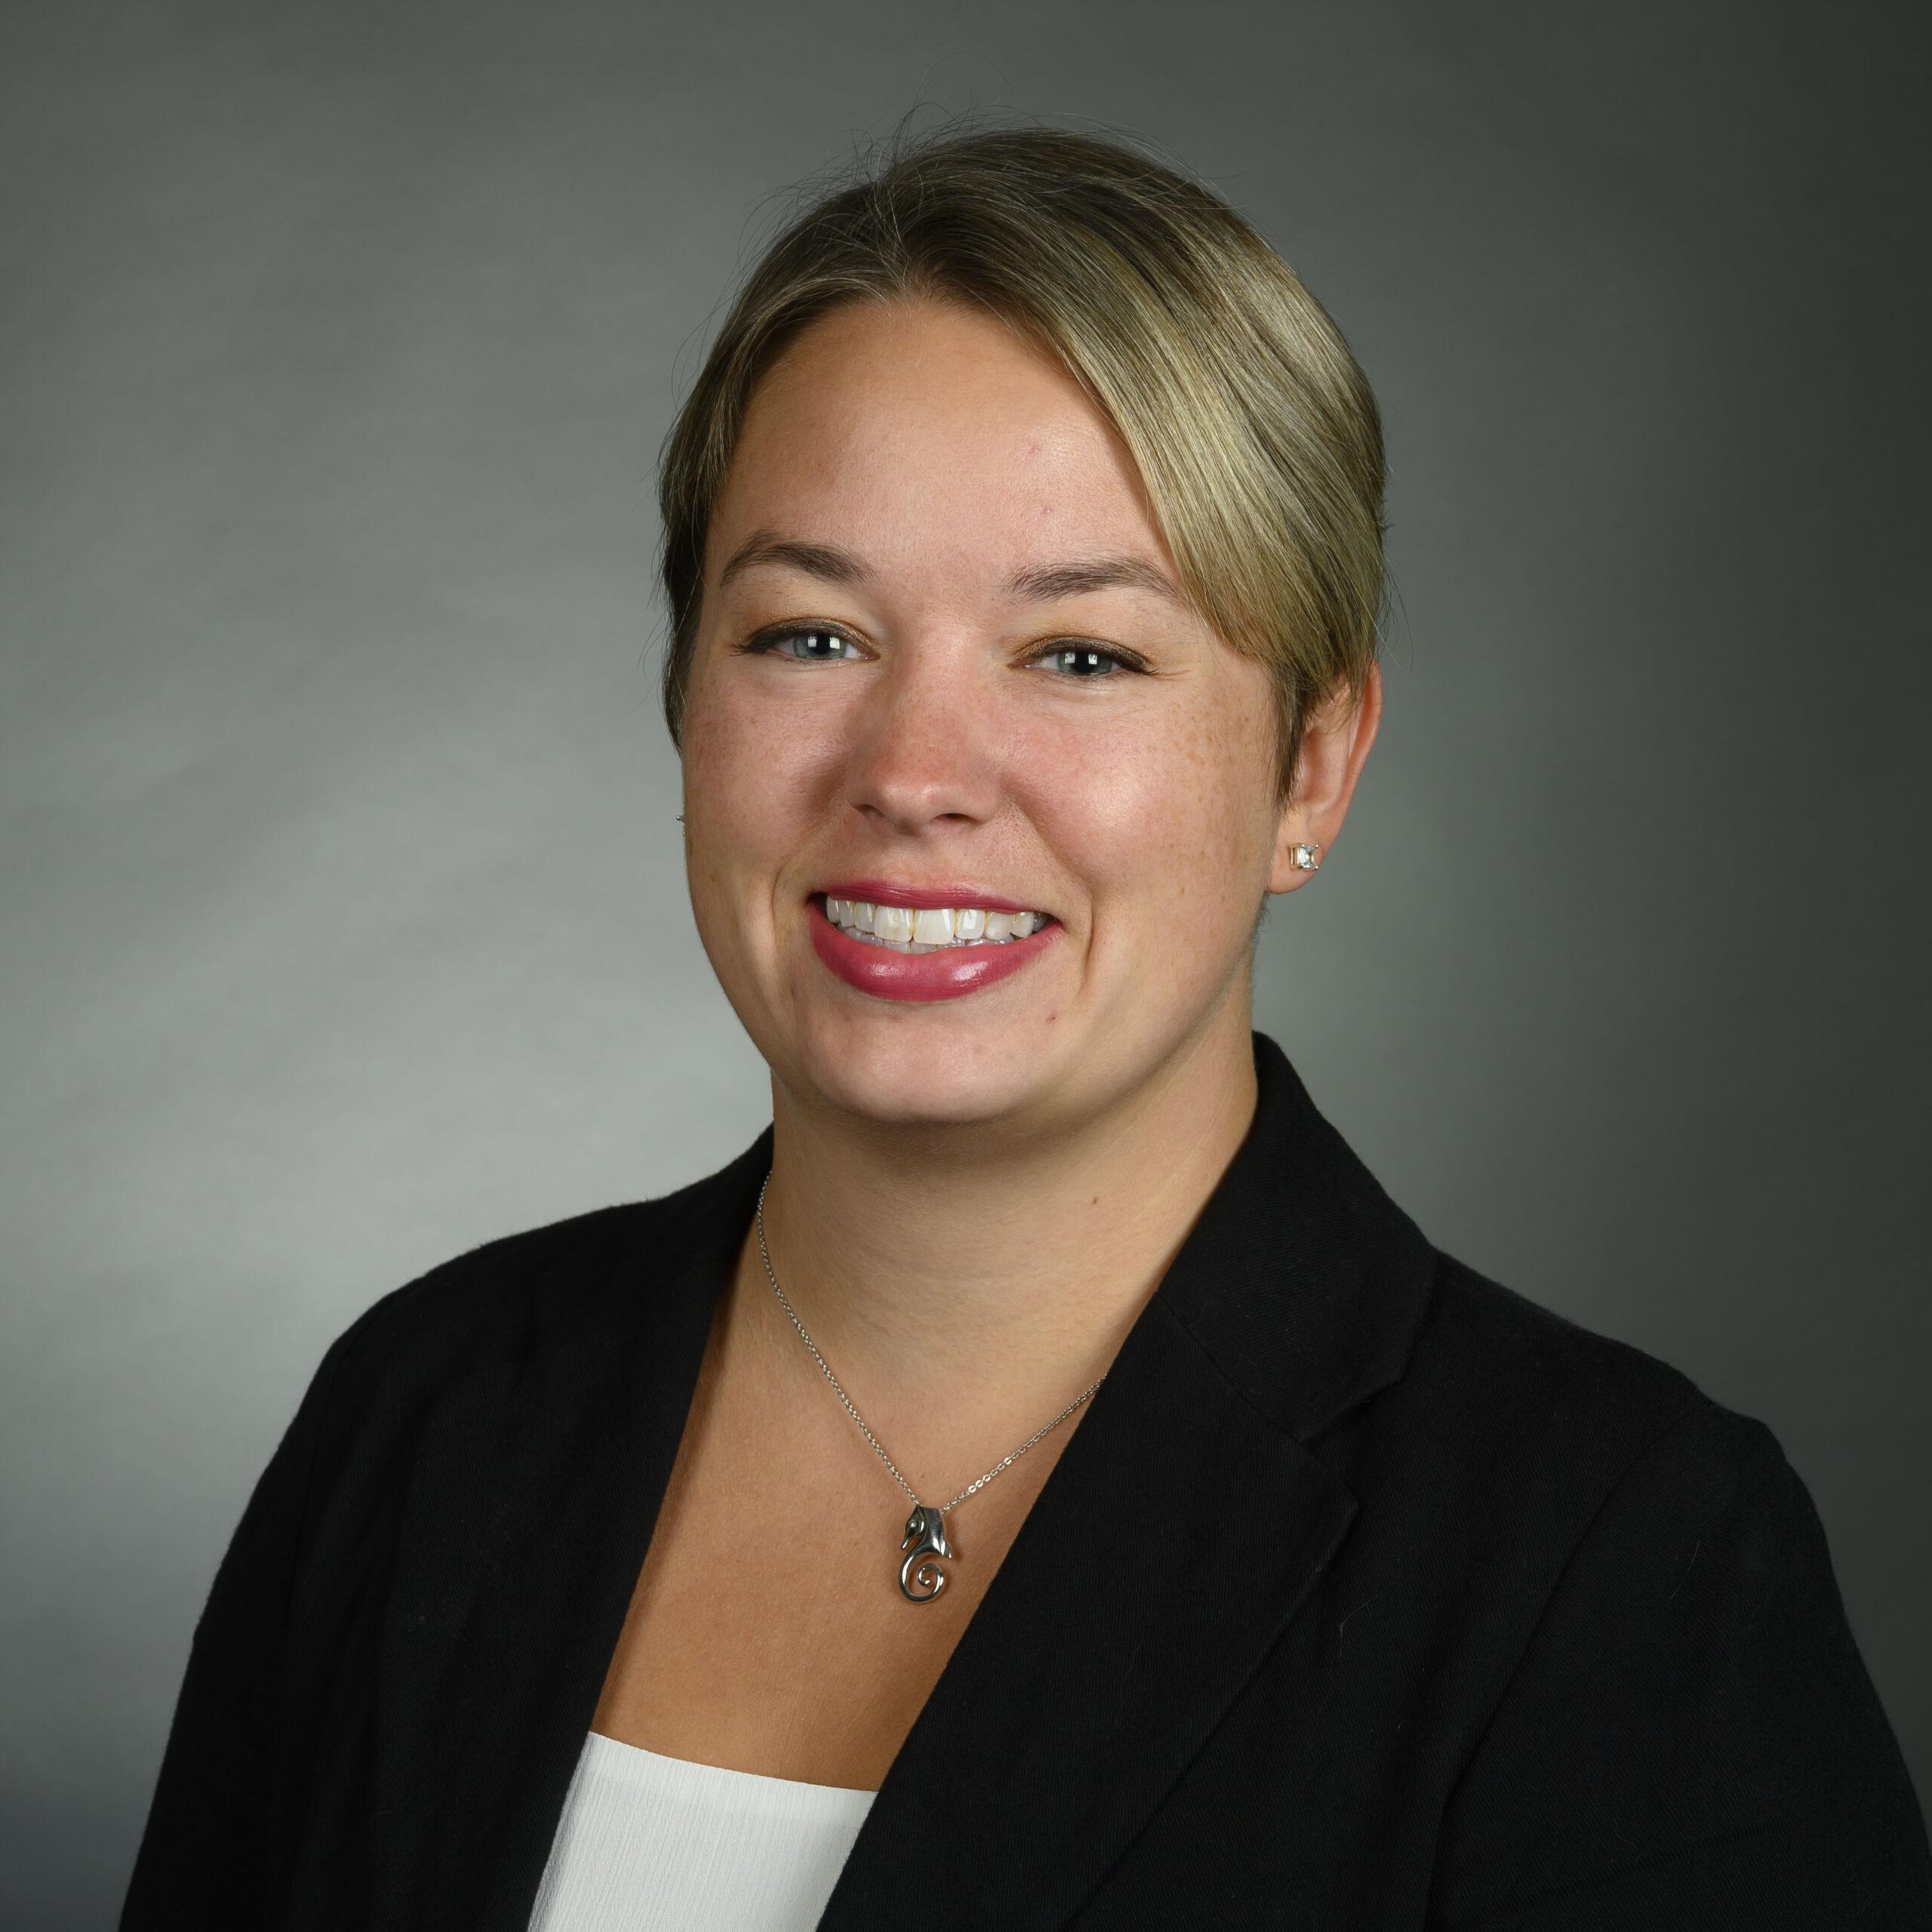 Megan Ennes